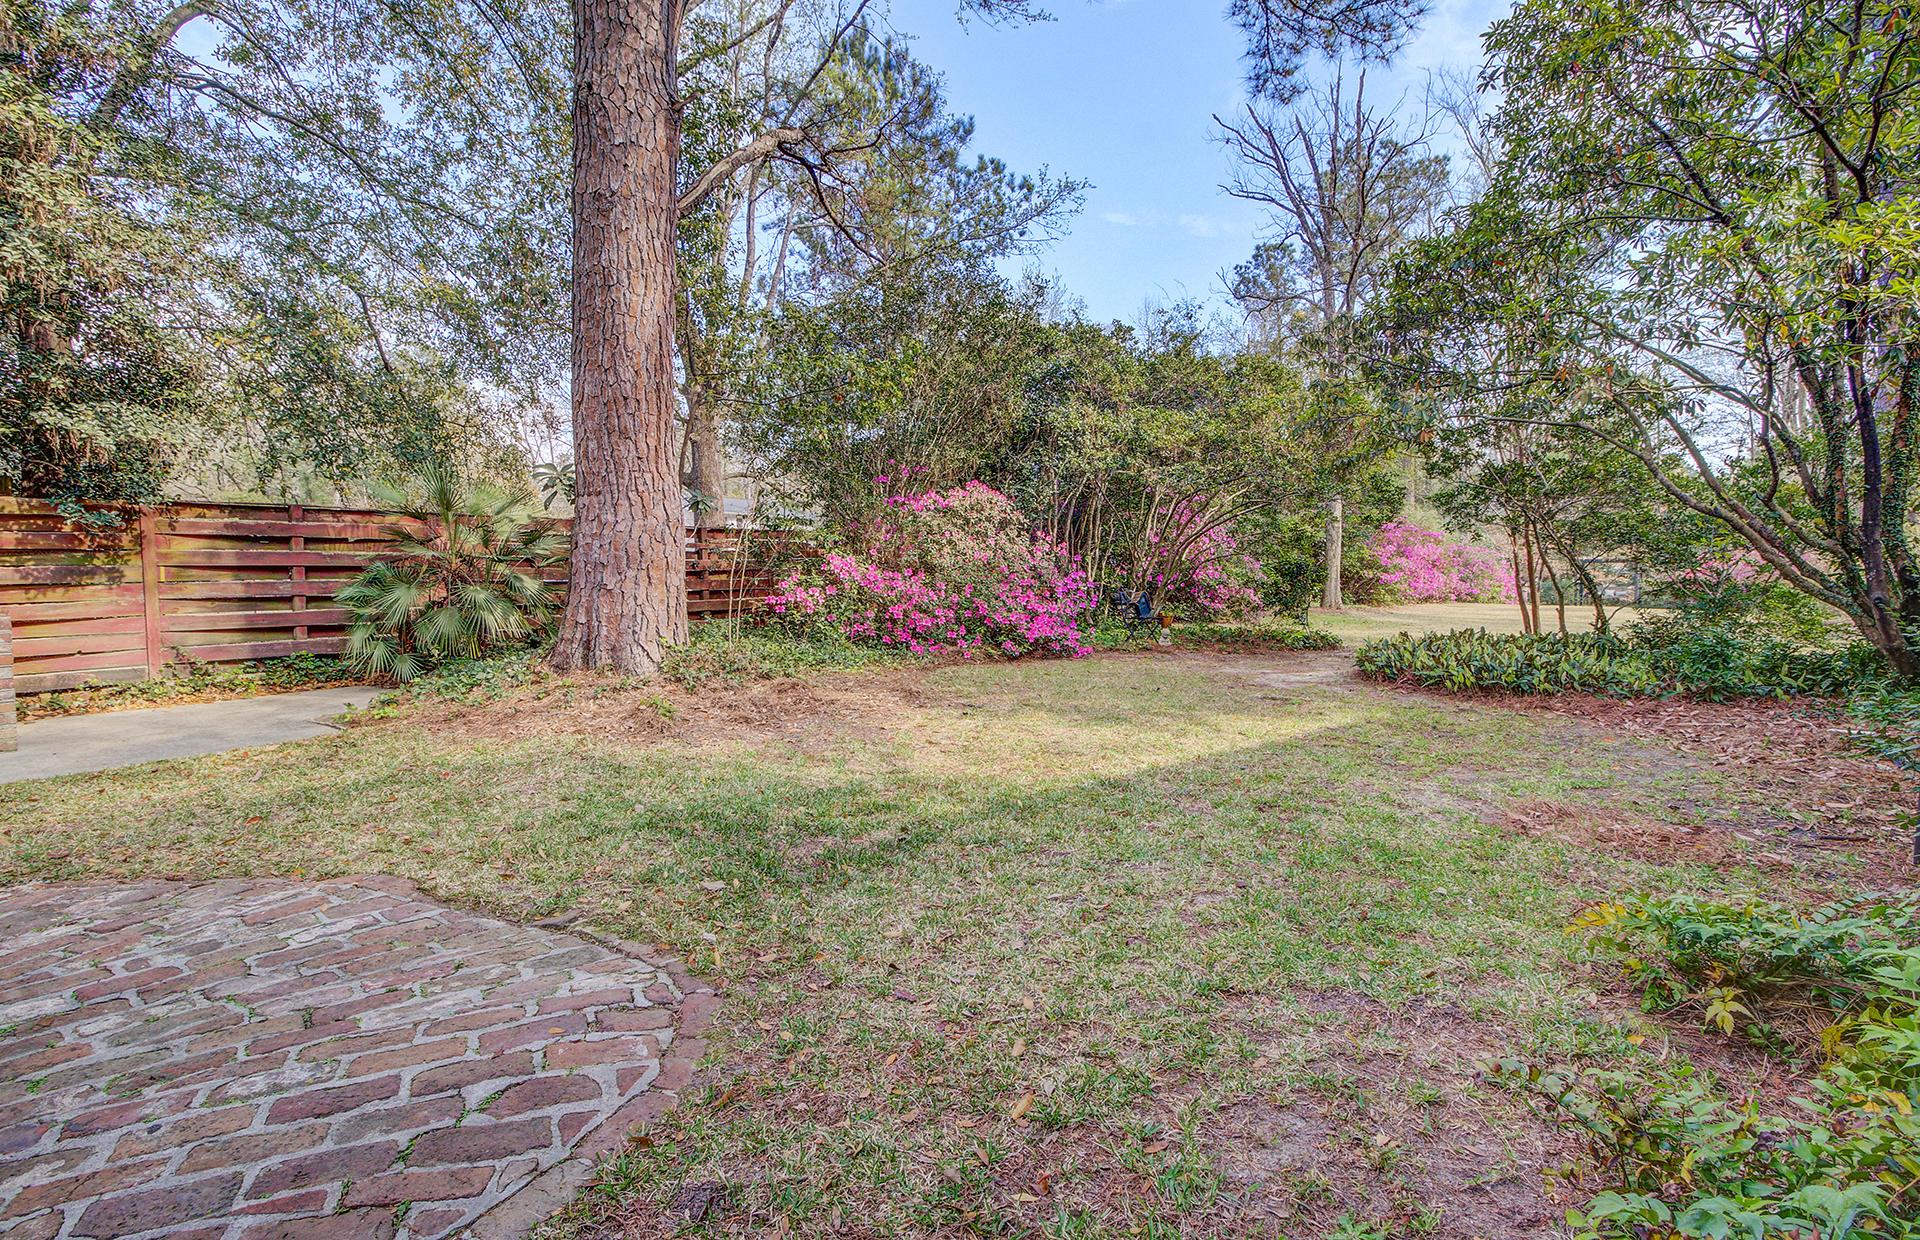 Pine Forest Inn Homes For Sale - 543 Simmons, Summerville, SC - 4